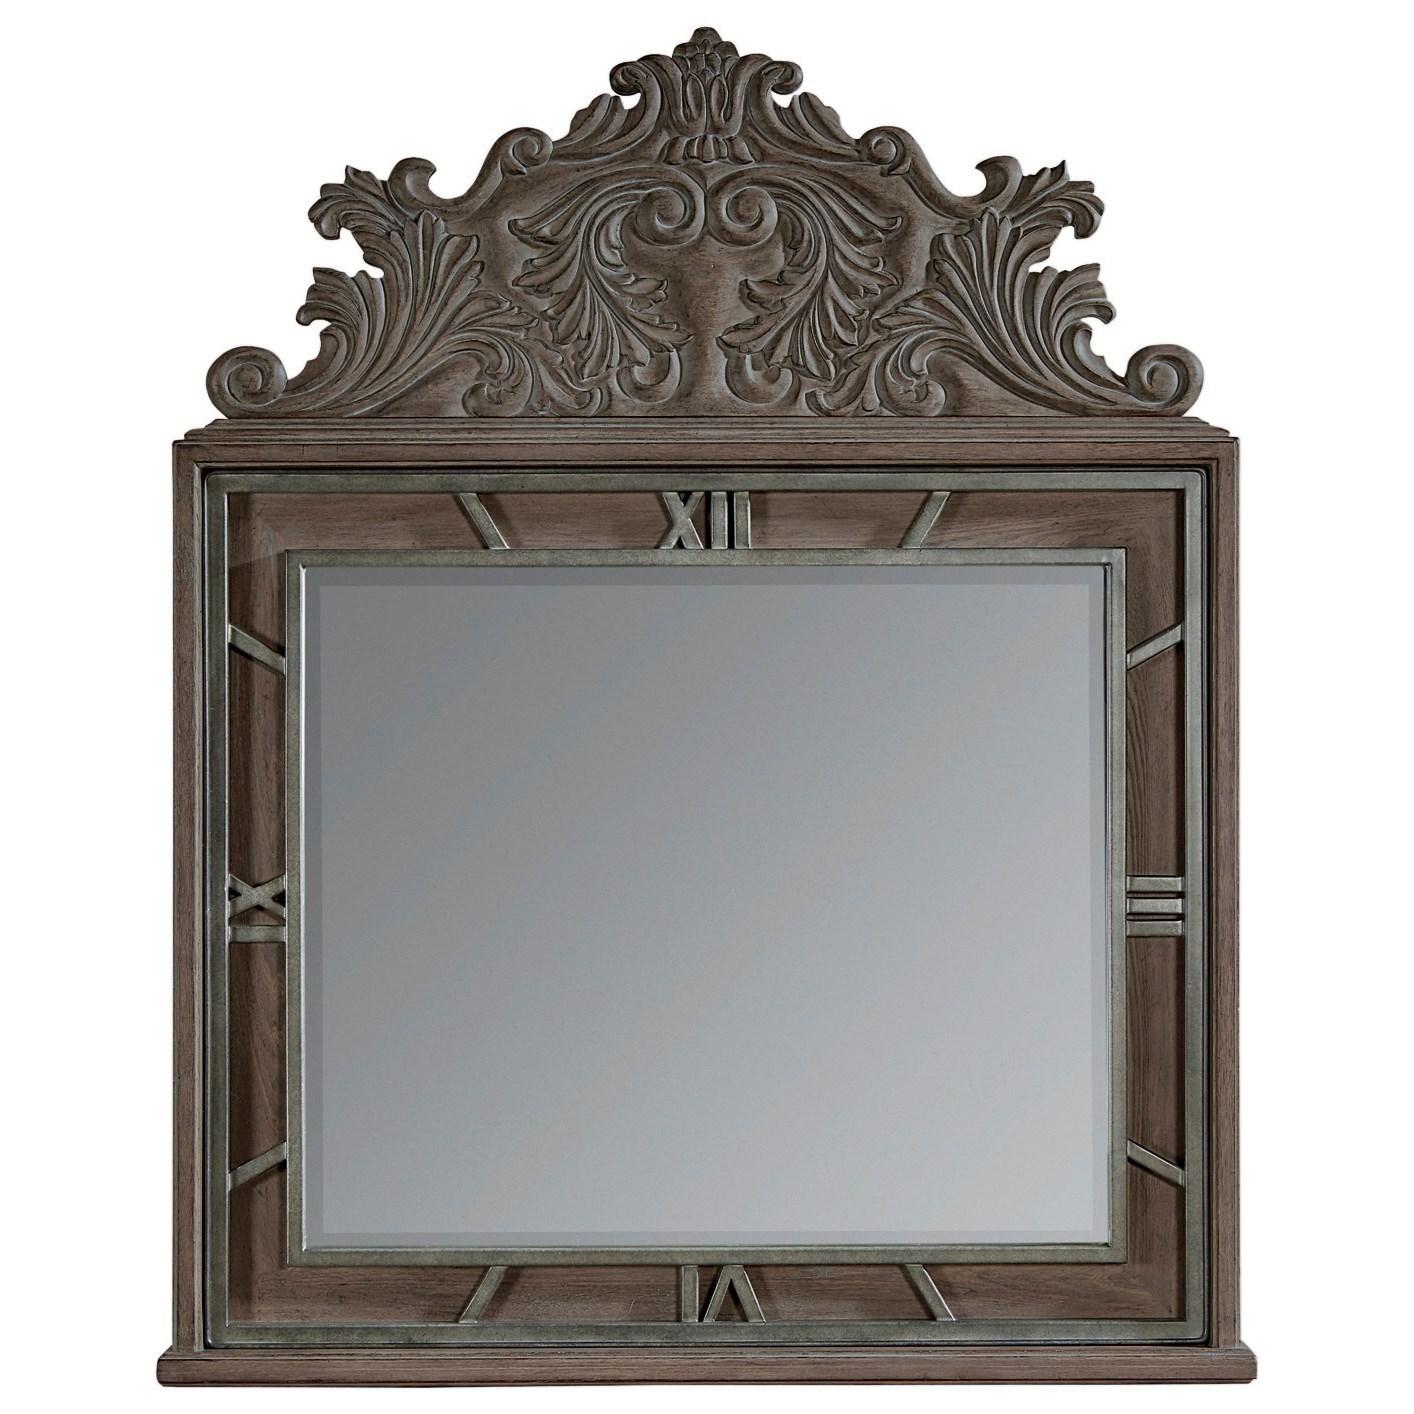 Vintage Salvage  Benjamin Mirror by Klien Furniture at Sprintz Furniture